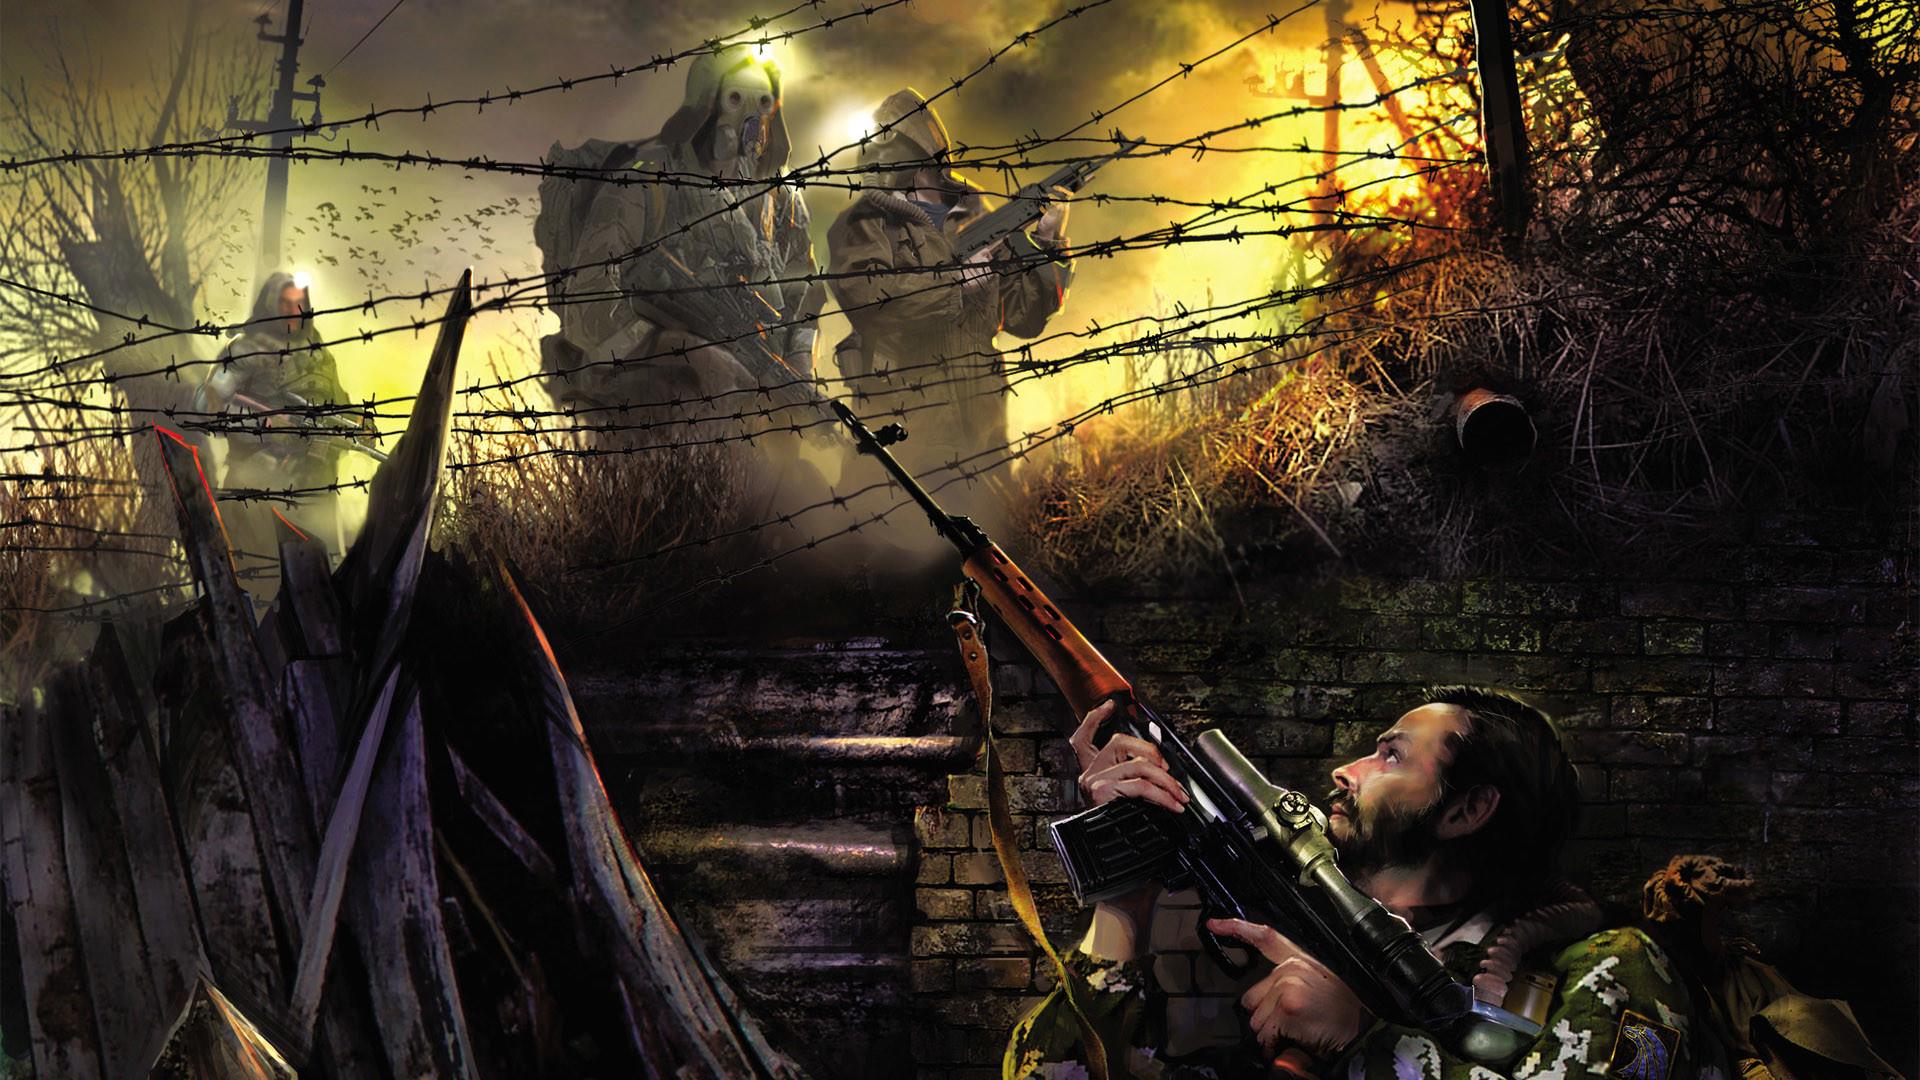 Awesome Gamer Desktop Background